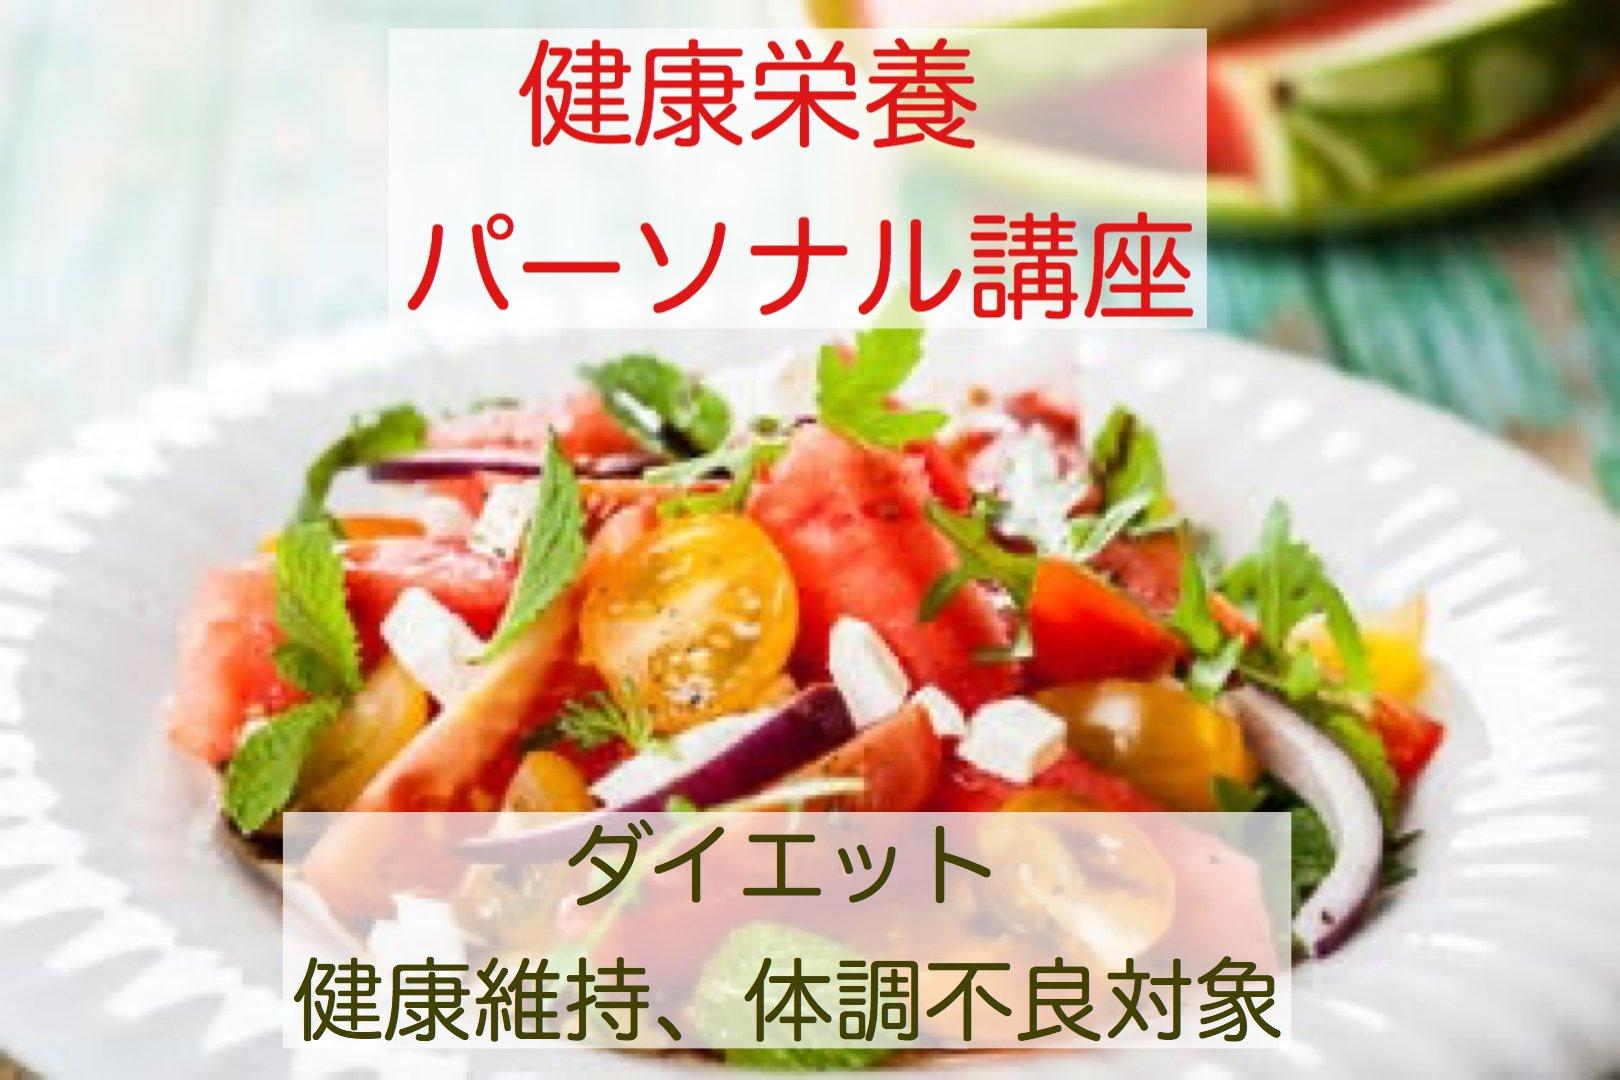 【健康維持・体質改善・ダイエット】簡単ごはんで健康な身体を作る「アスゴハン」パーソナル講座のイメージその1